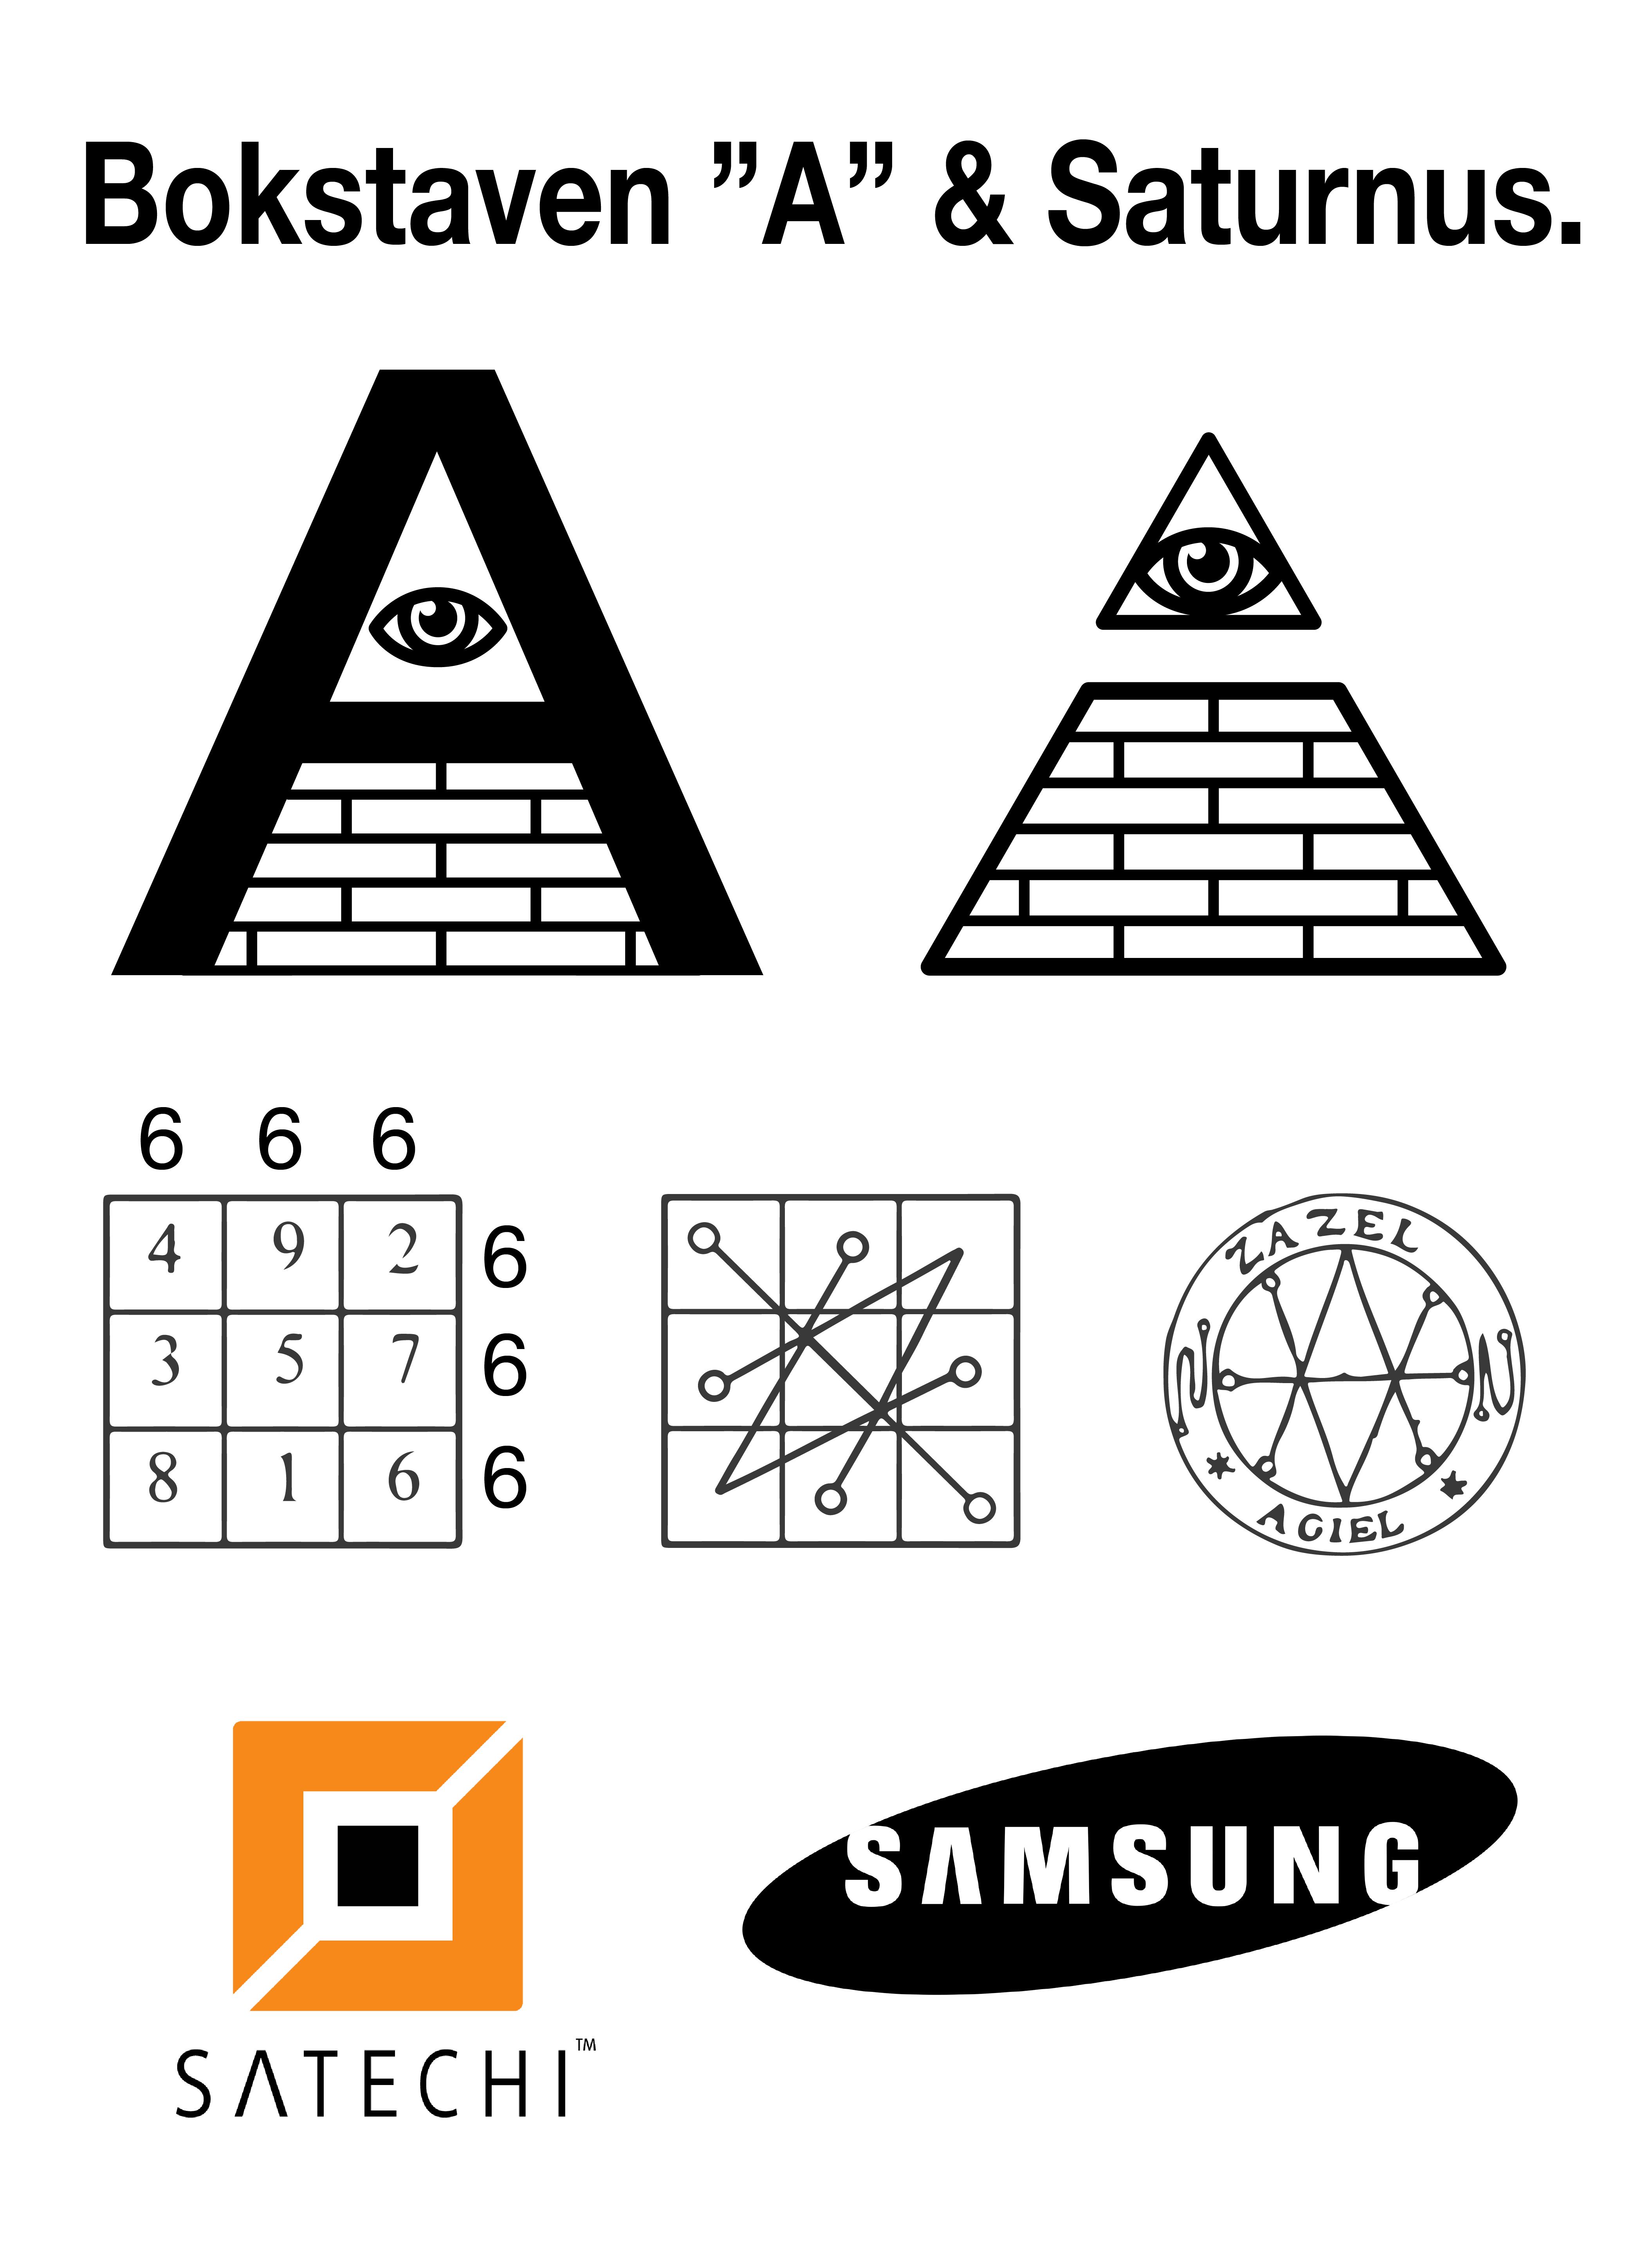 letter A & Saturnus symbolism